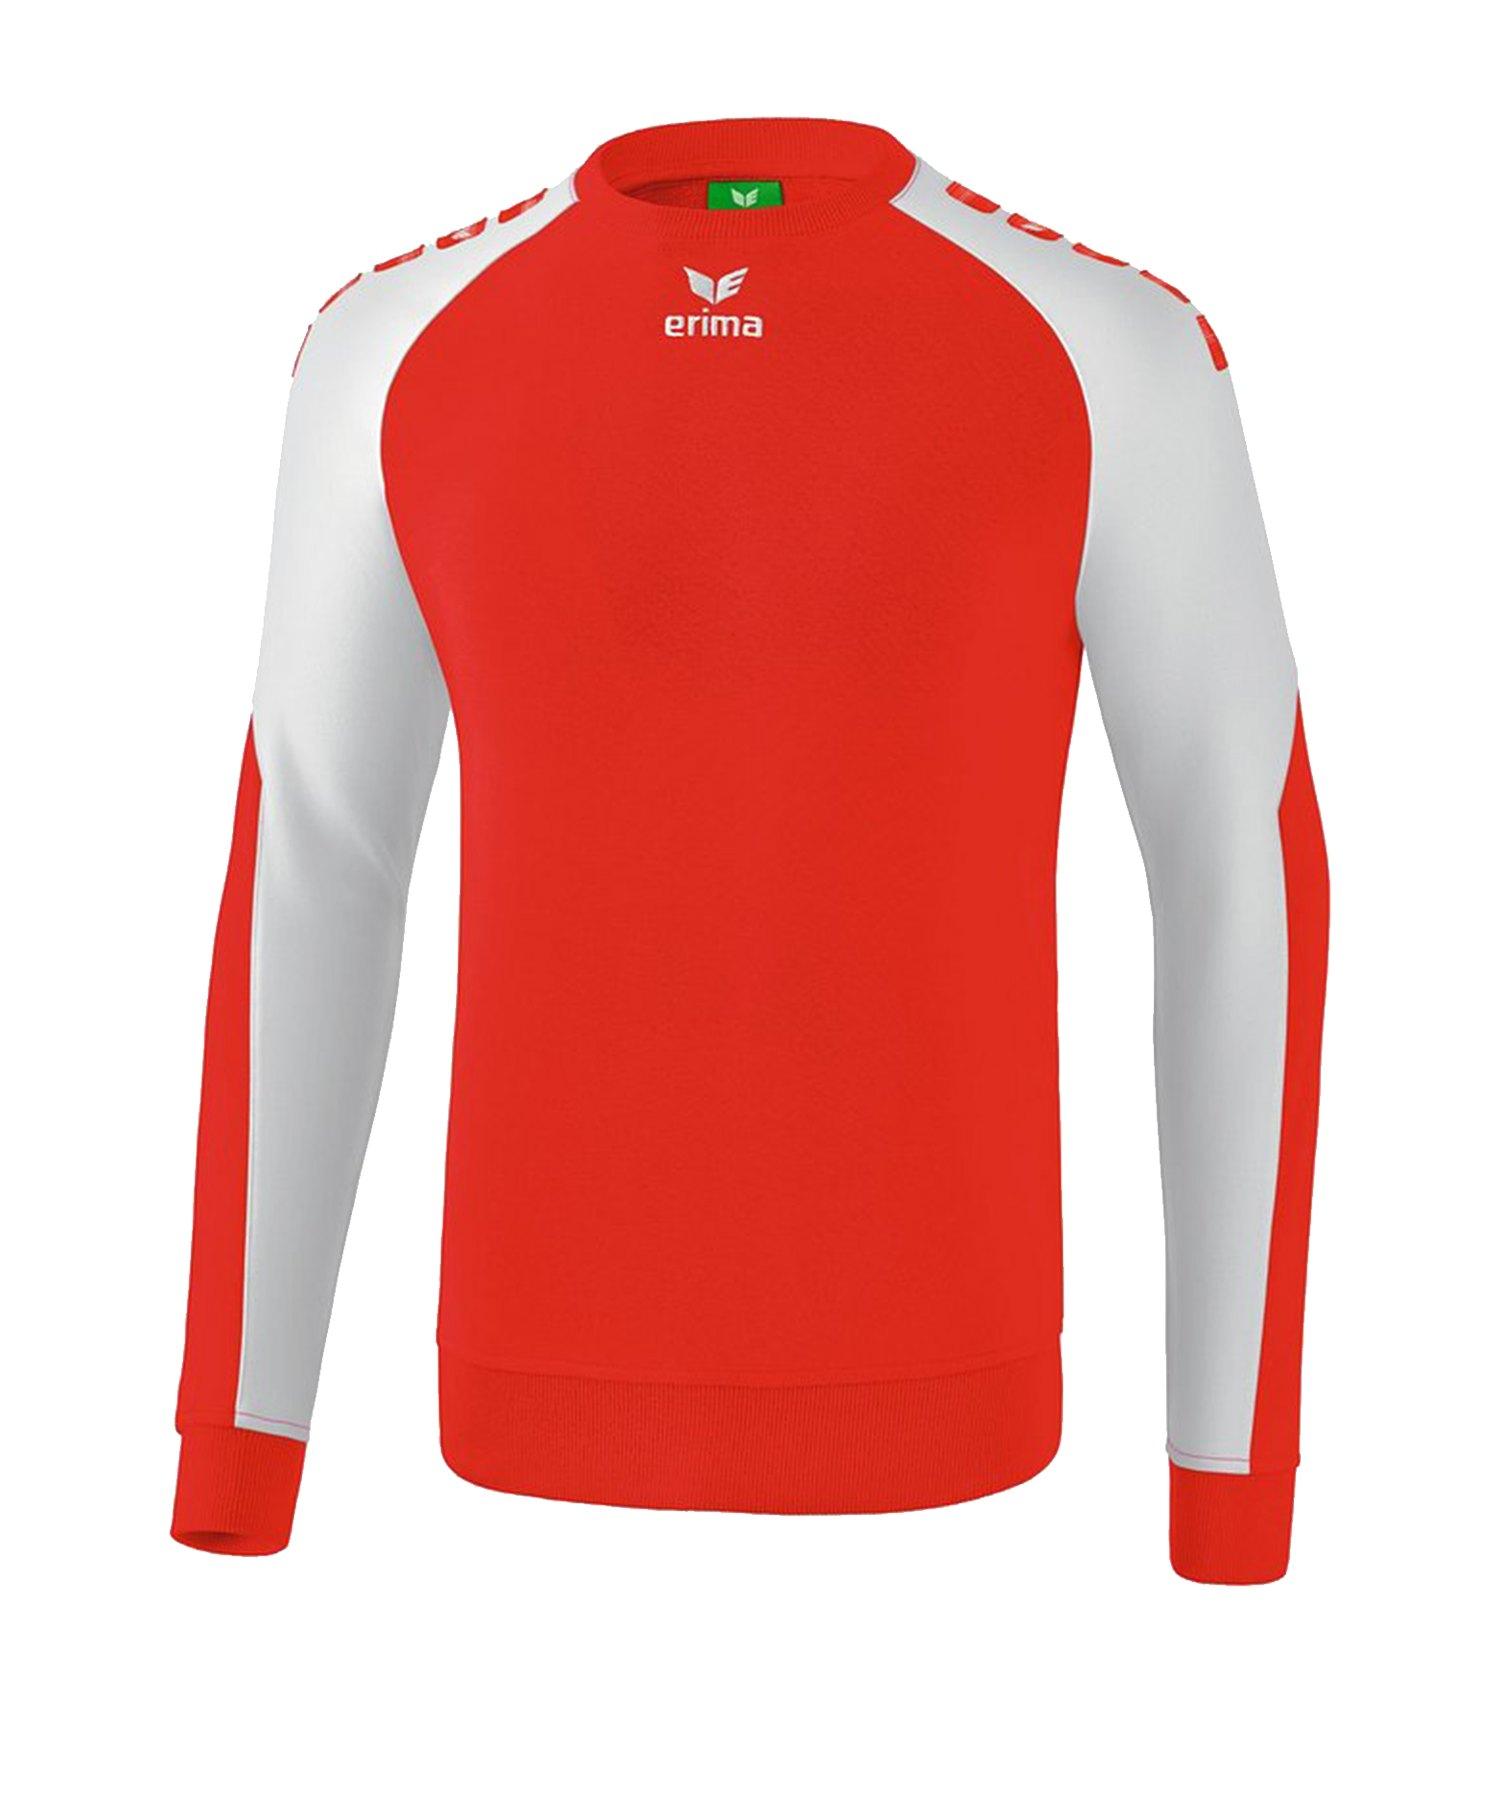 Erima Essential 5-C Sweatshirt Rot Weiss - Rot